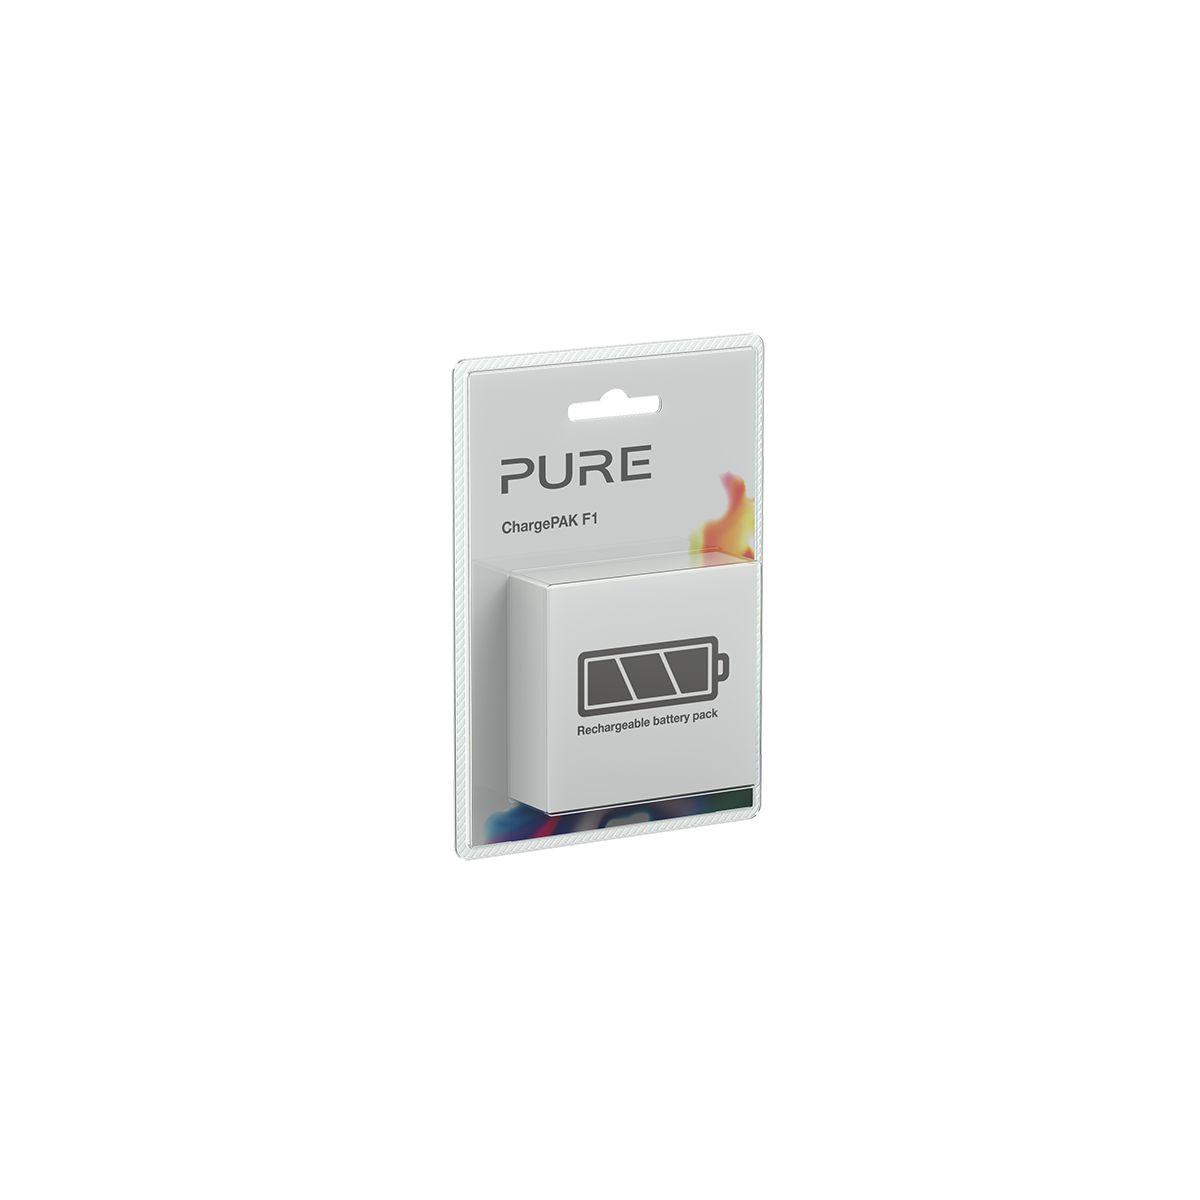 Batterie camescope pure chargepak f1 - 10% de remise imm�diate avec le code : fete10 (photo)